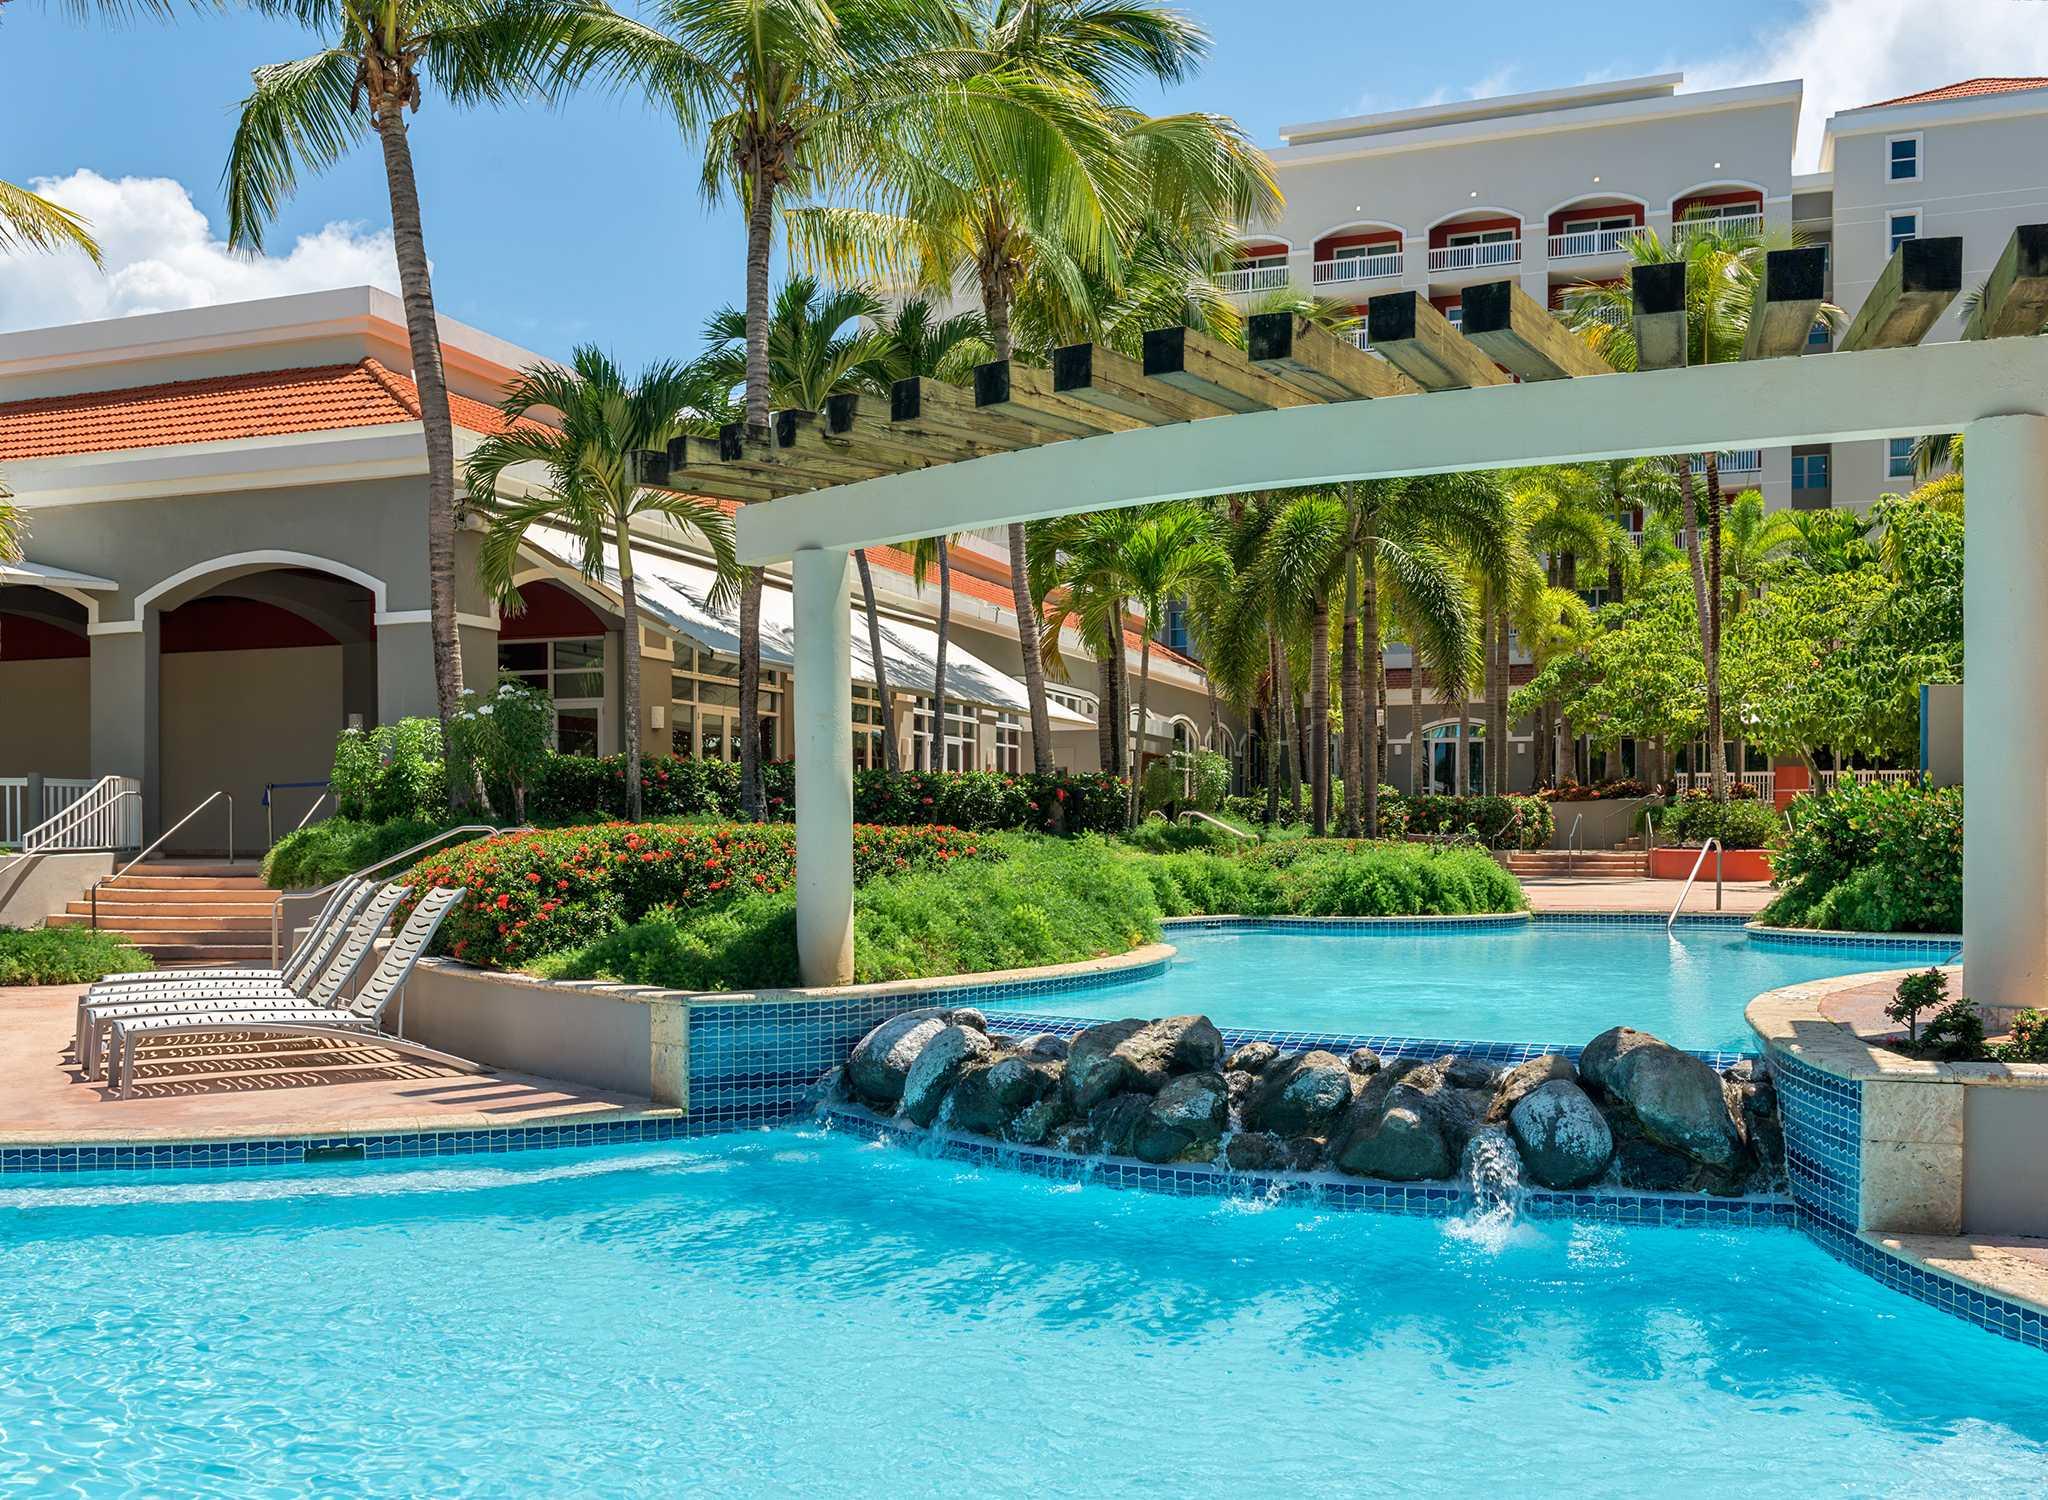 Hoteles en puerto rico san juan hilton for Fotos de piscinas modernas en puerto rico